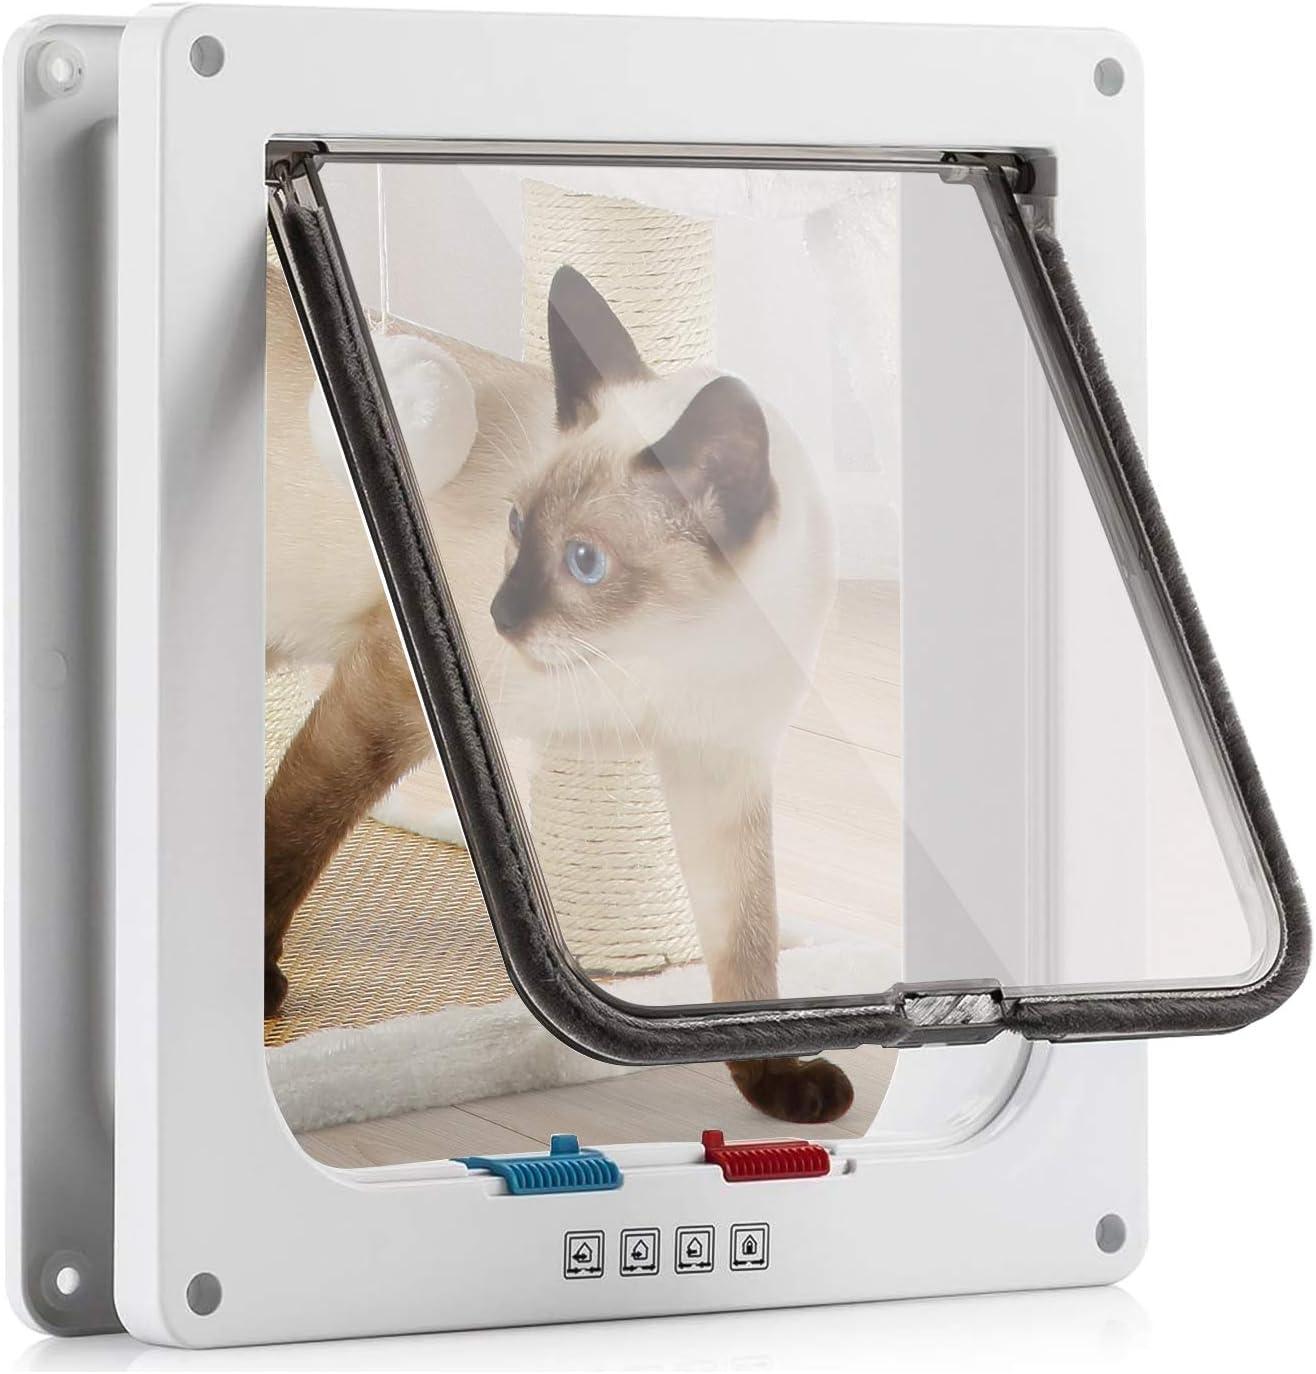 Puerta para Gato con Cierre magnético de 4 vías, Puerta para Mascotas para Gatos y Perros pequeños, Puerta para Gatos con túnel L Blanco 18 x 19 x 5.5 cm